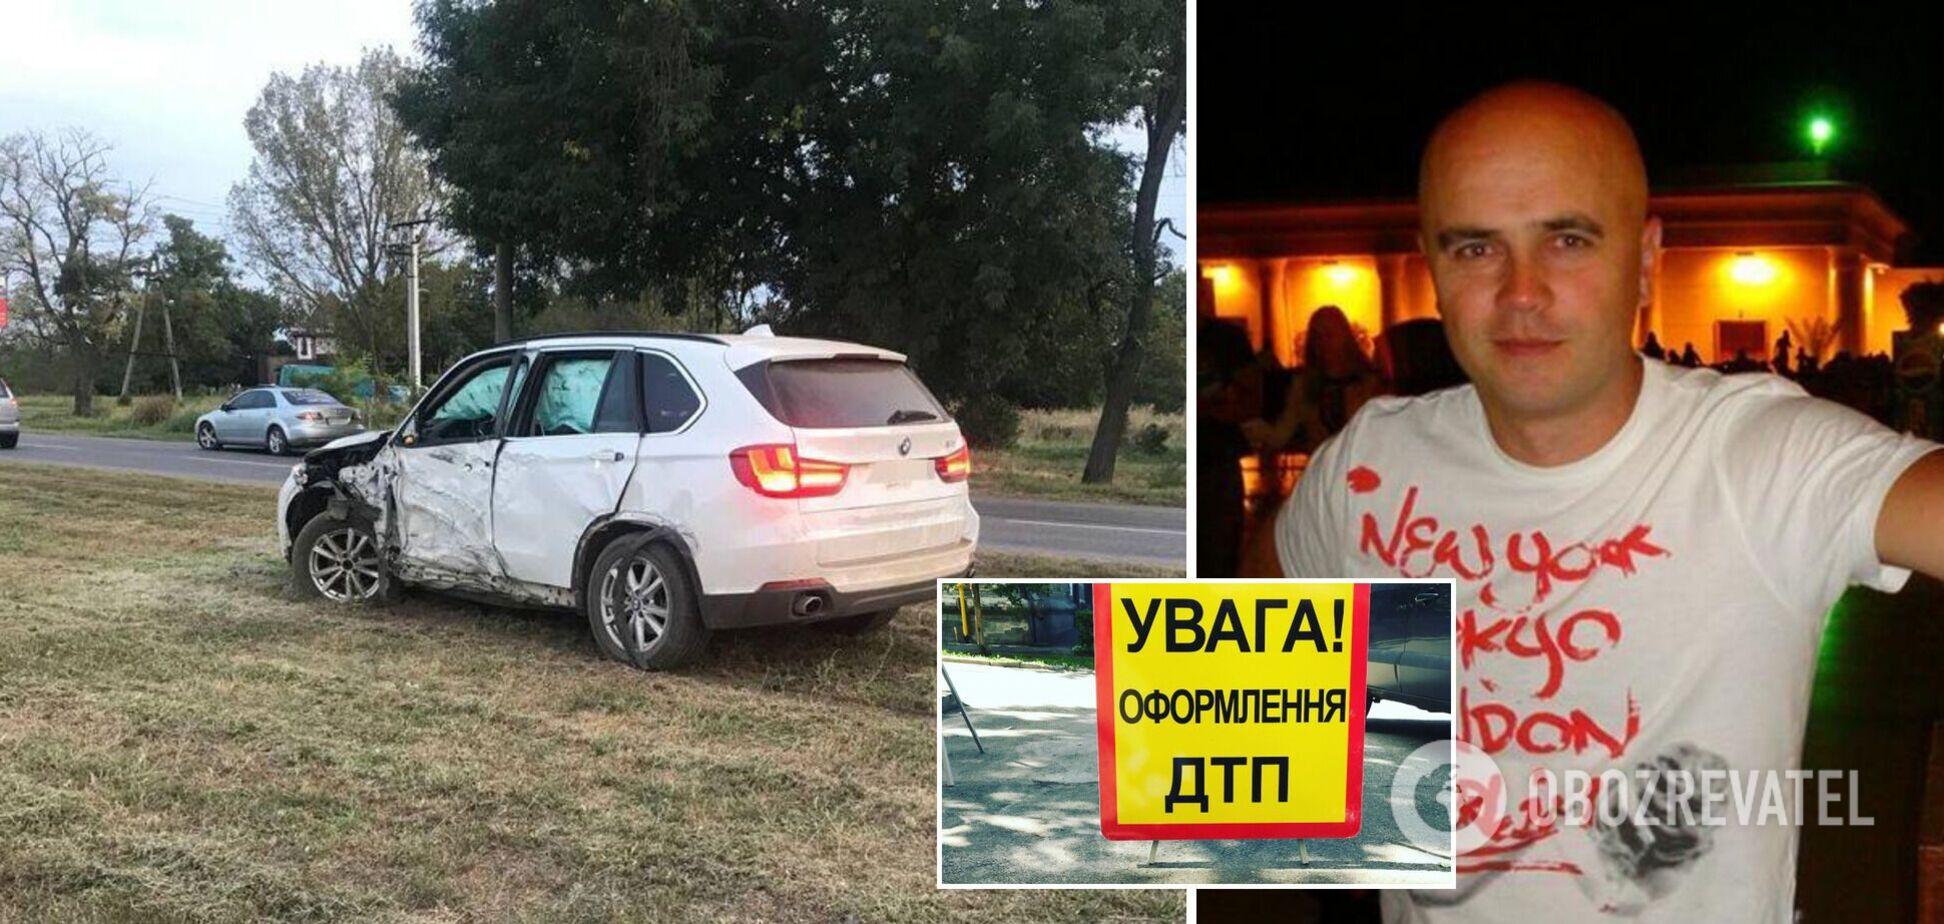 На Запорожье пьяный депутат сбил пешехода и пытался скрыться с места ДТП. Фото и видео